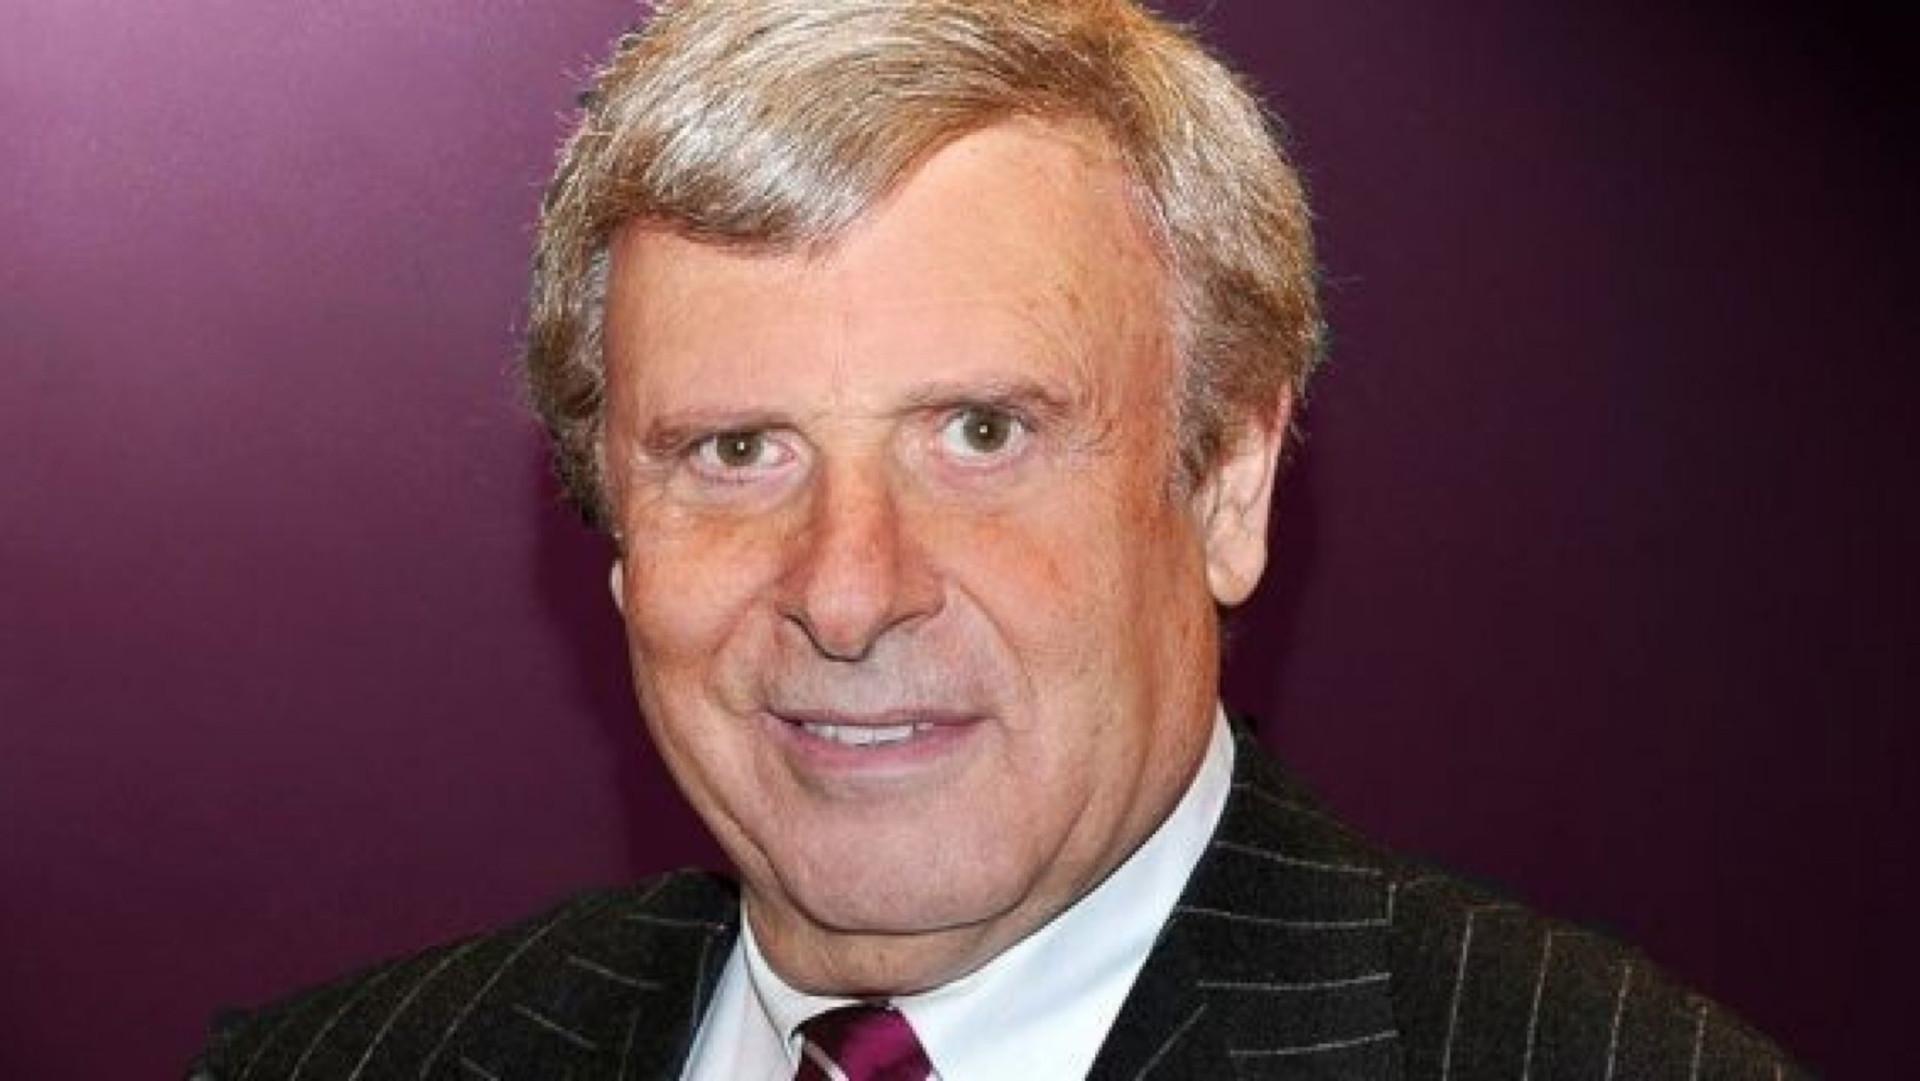 Herbert I. London